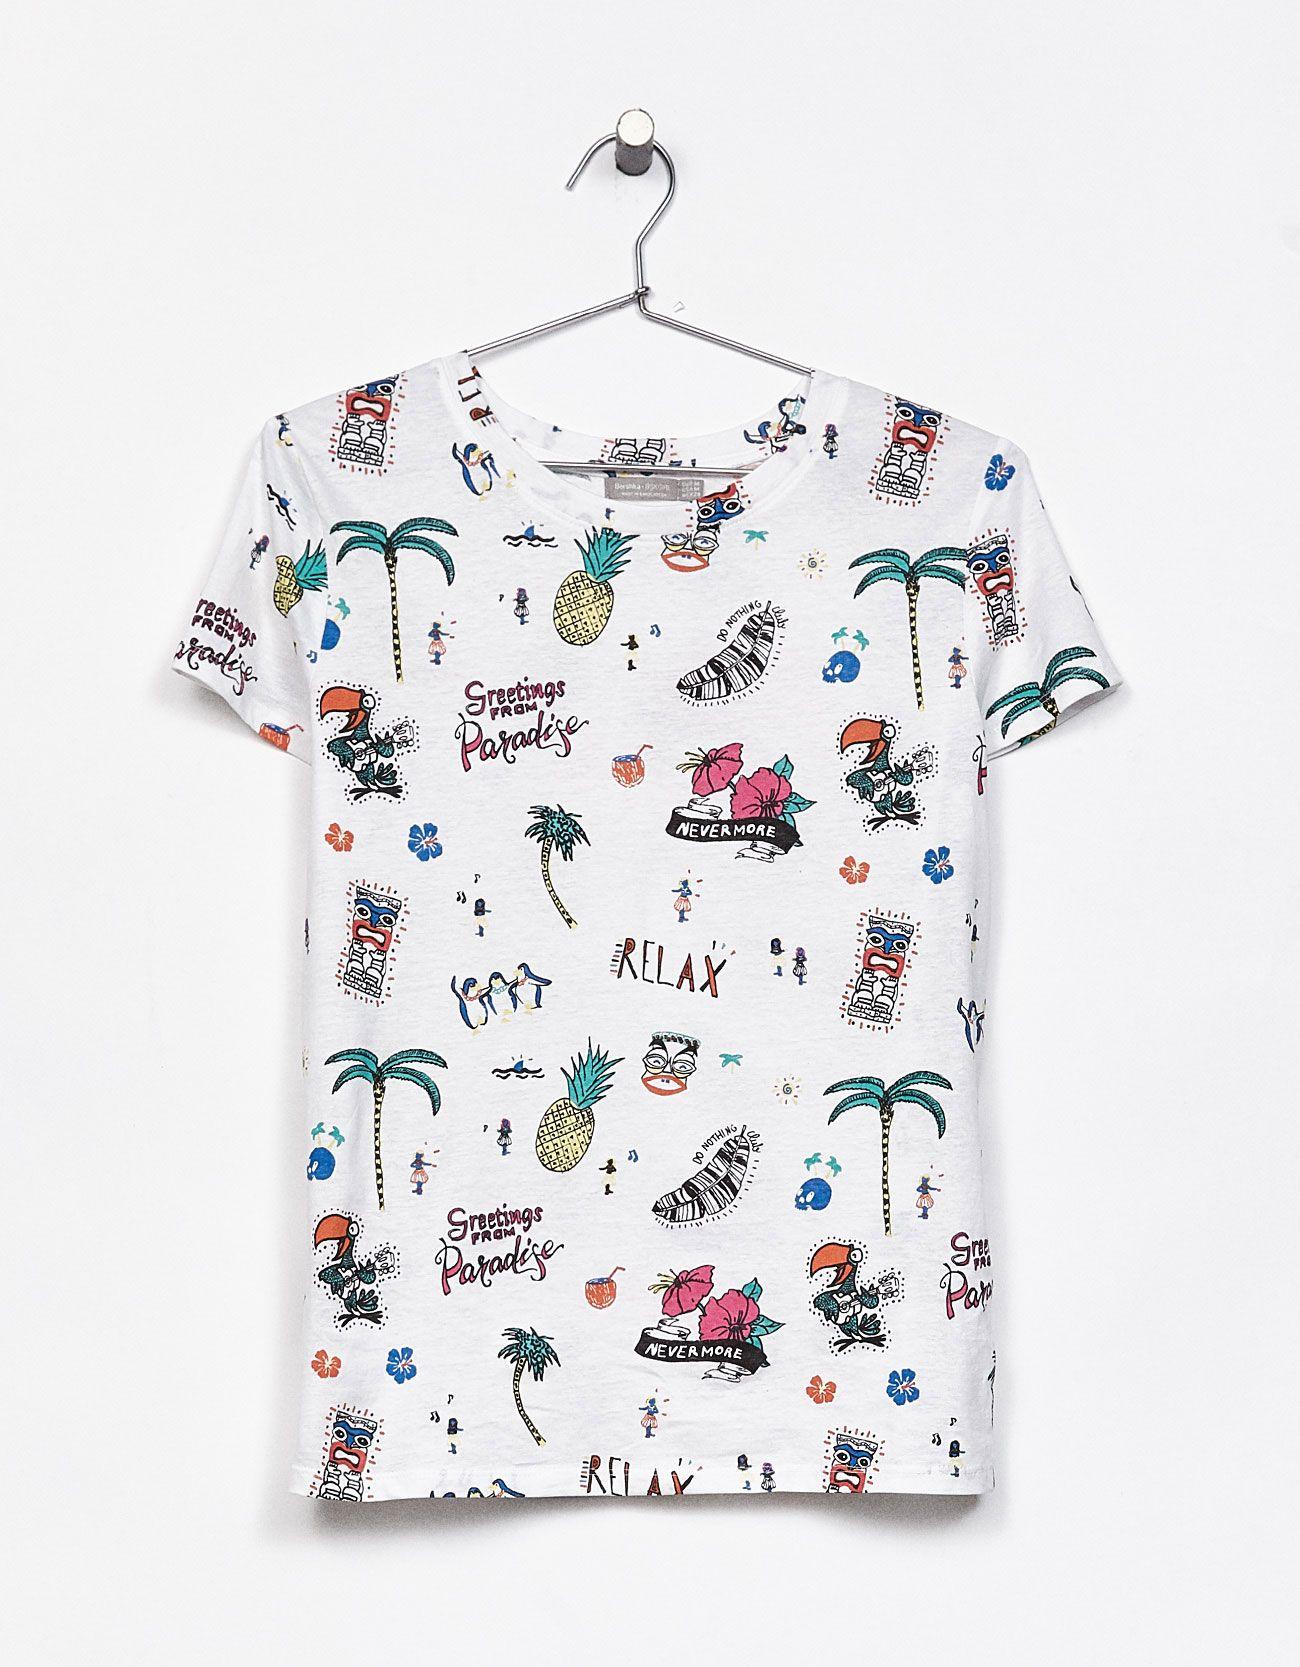 Allover print cotton tshirt printed shirts boys t